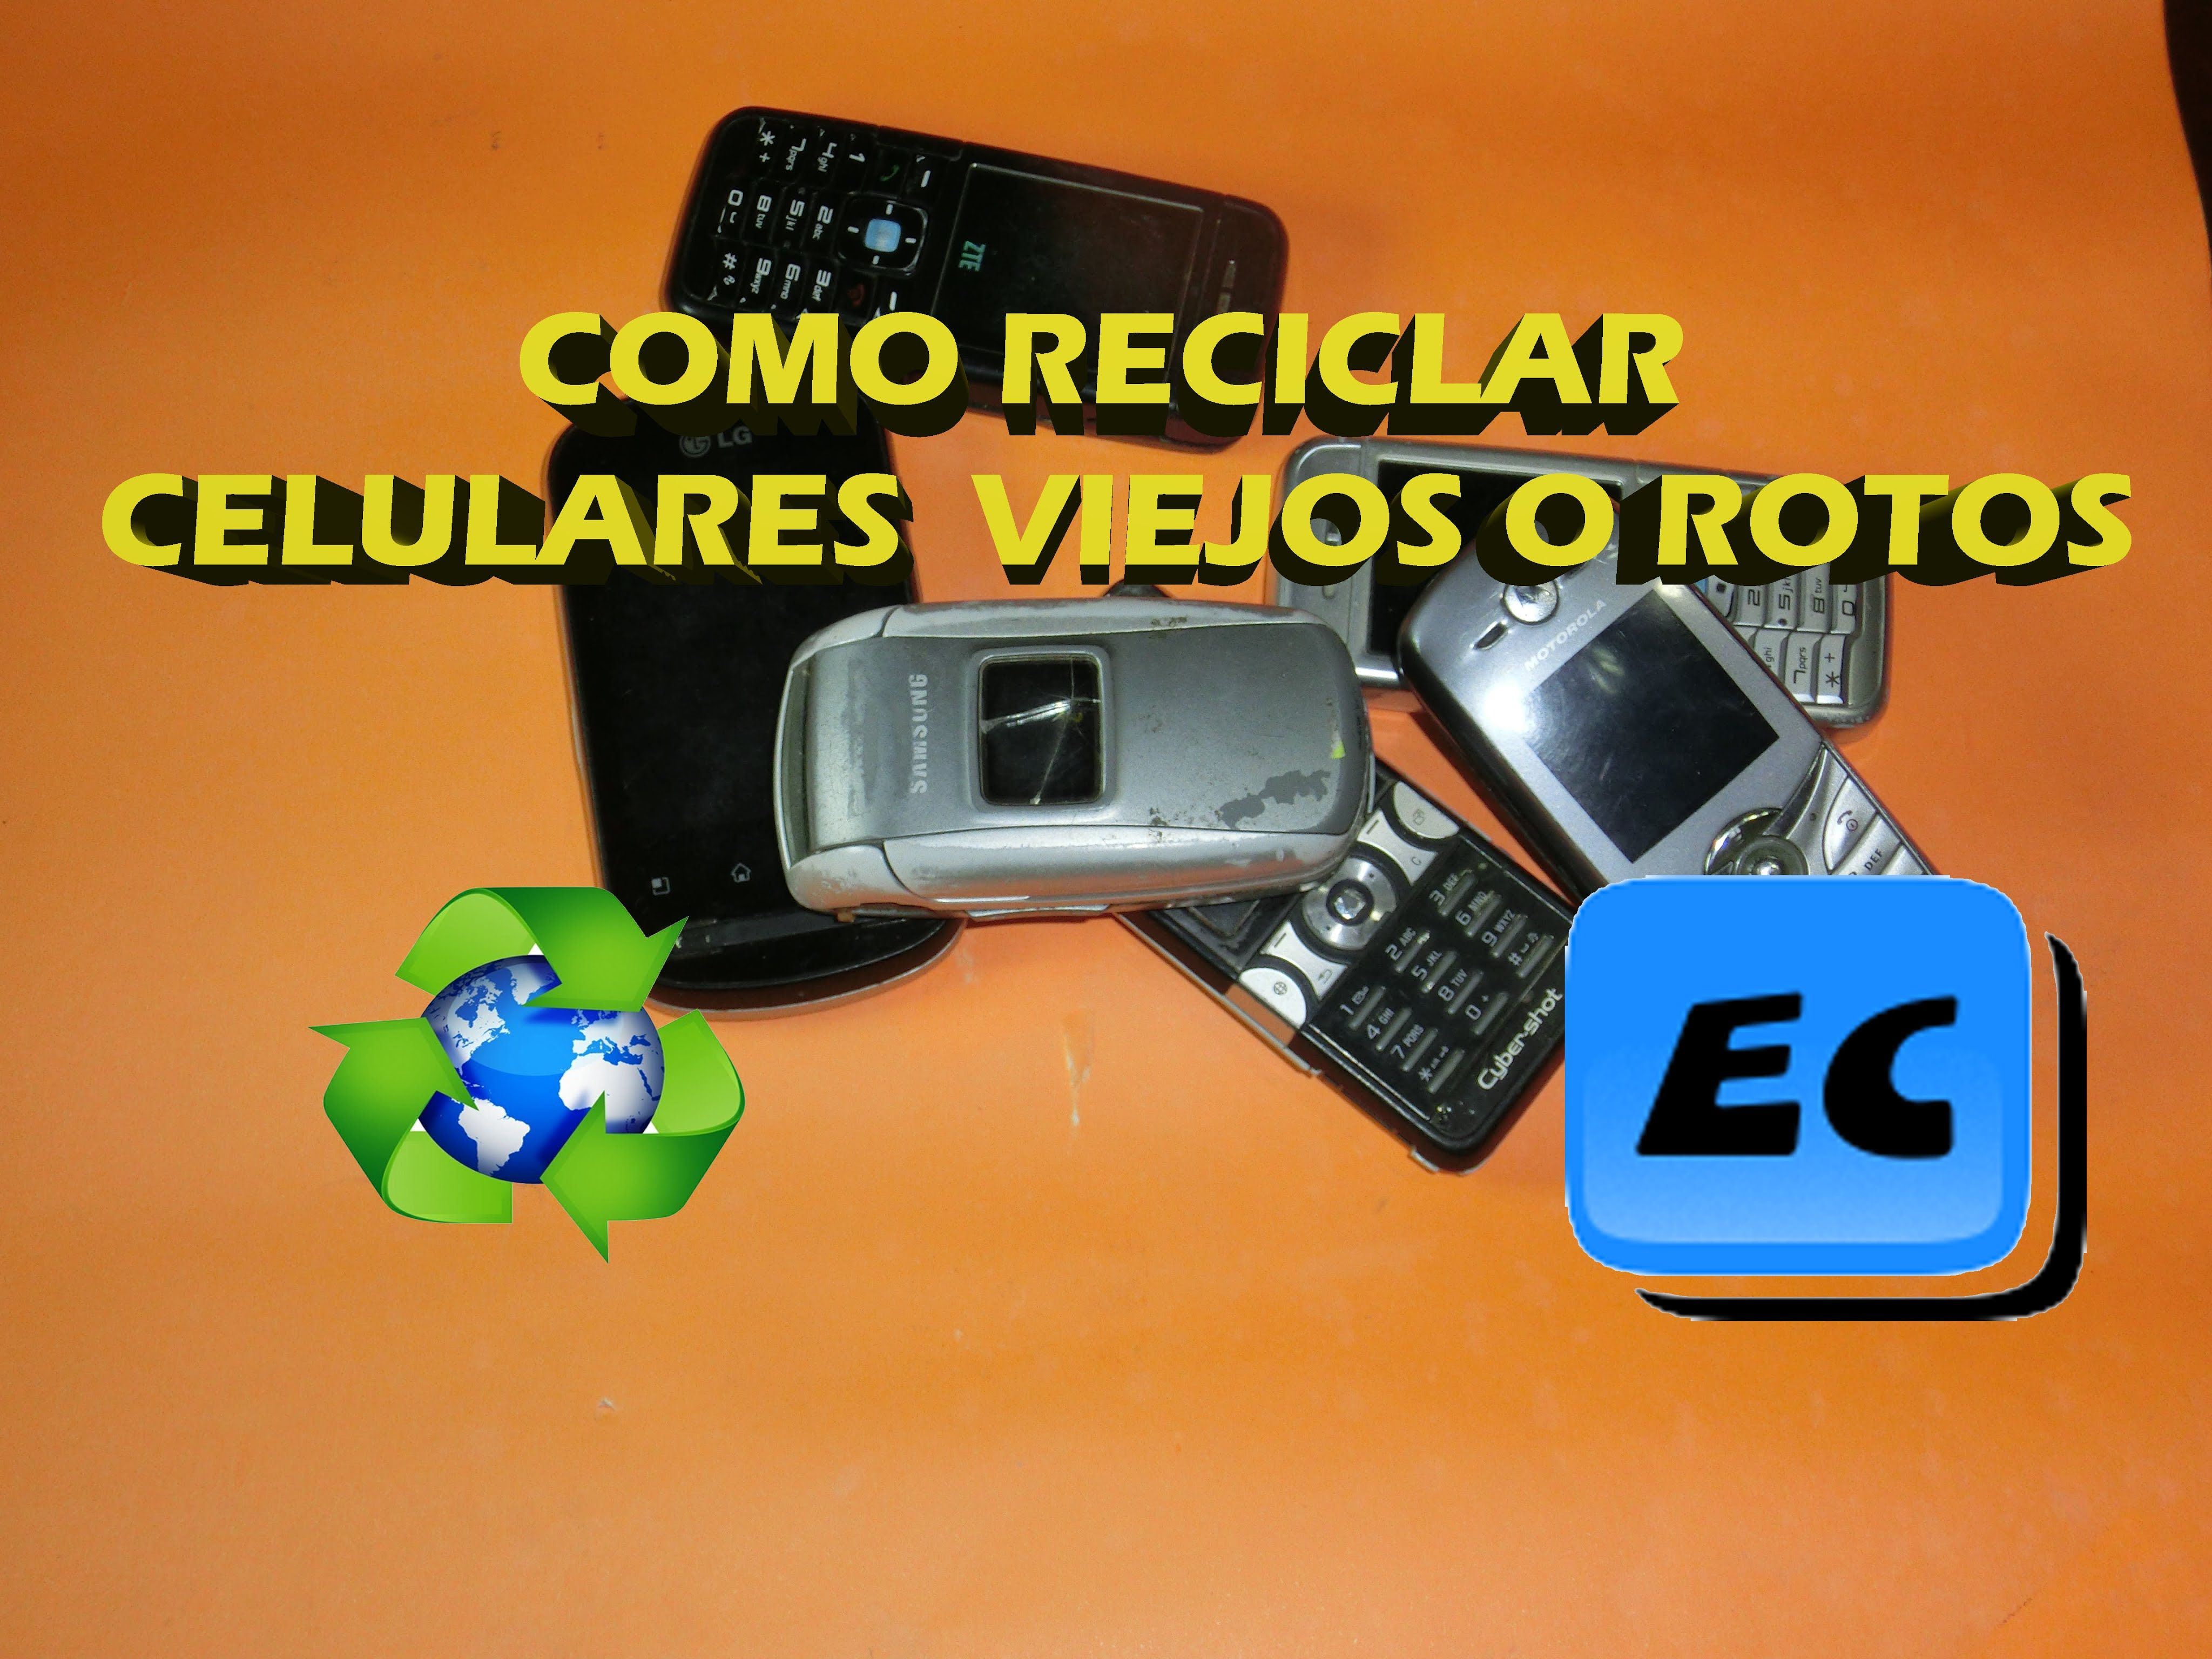 Pin En Reciclado De Aparatos Y Electrodomesticos